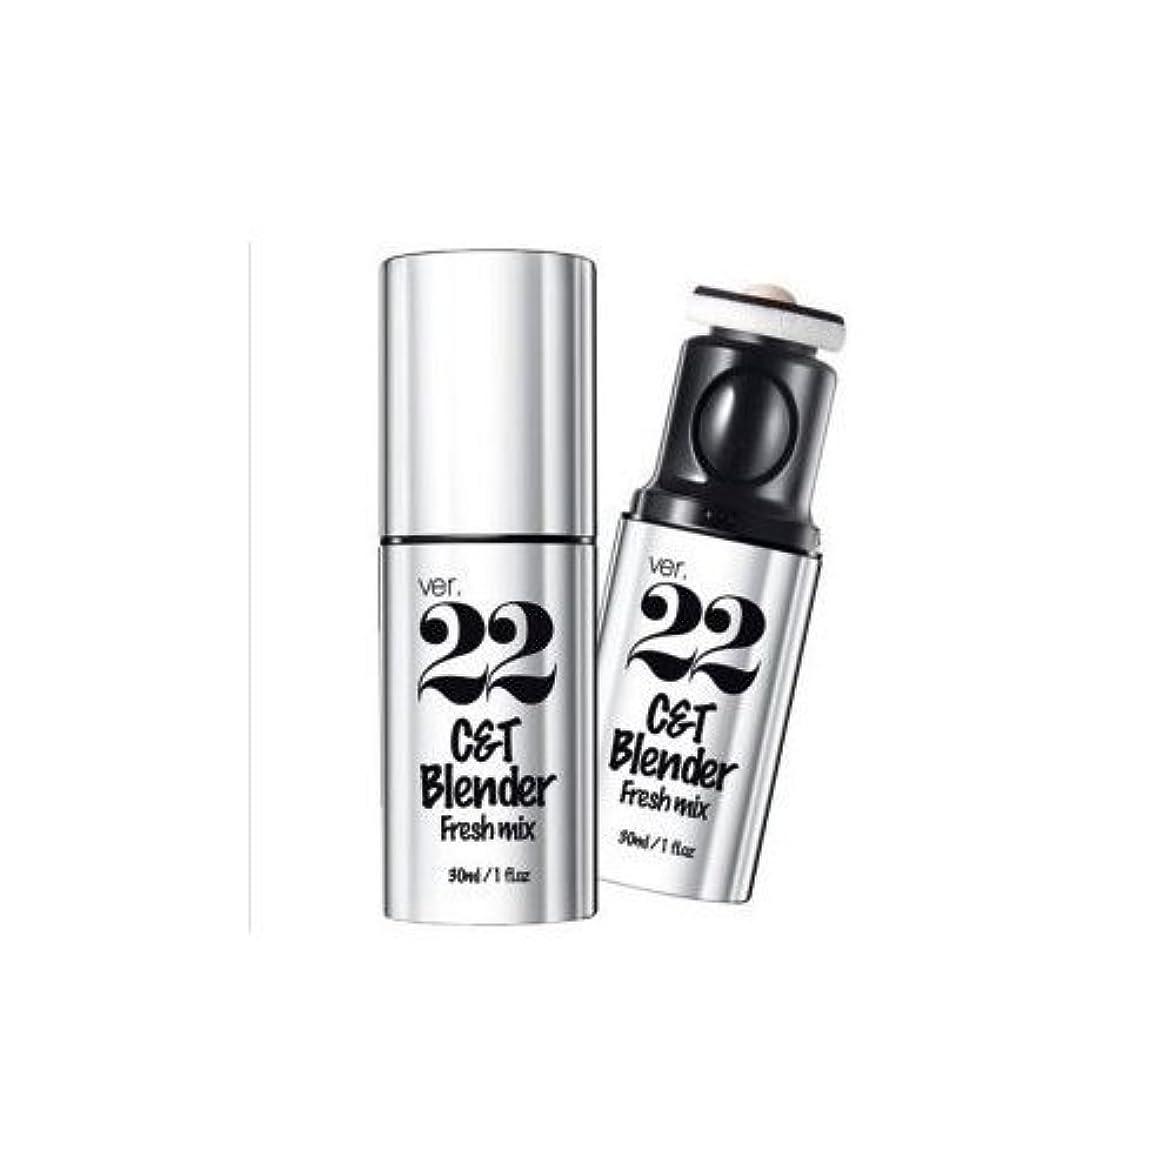 良性ホステル収束chosungah22 C&T Blender Fresh Mix 30ml, Capsule Foundation, #01, Korean Cosmetics